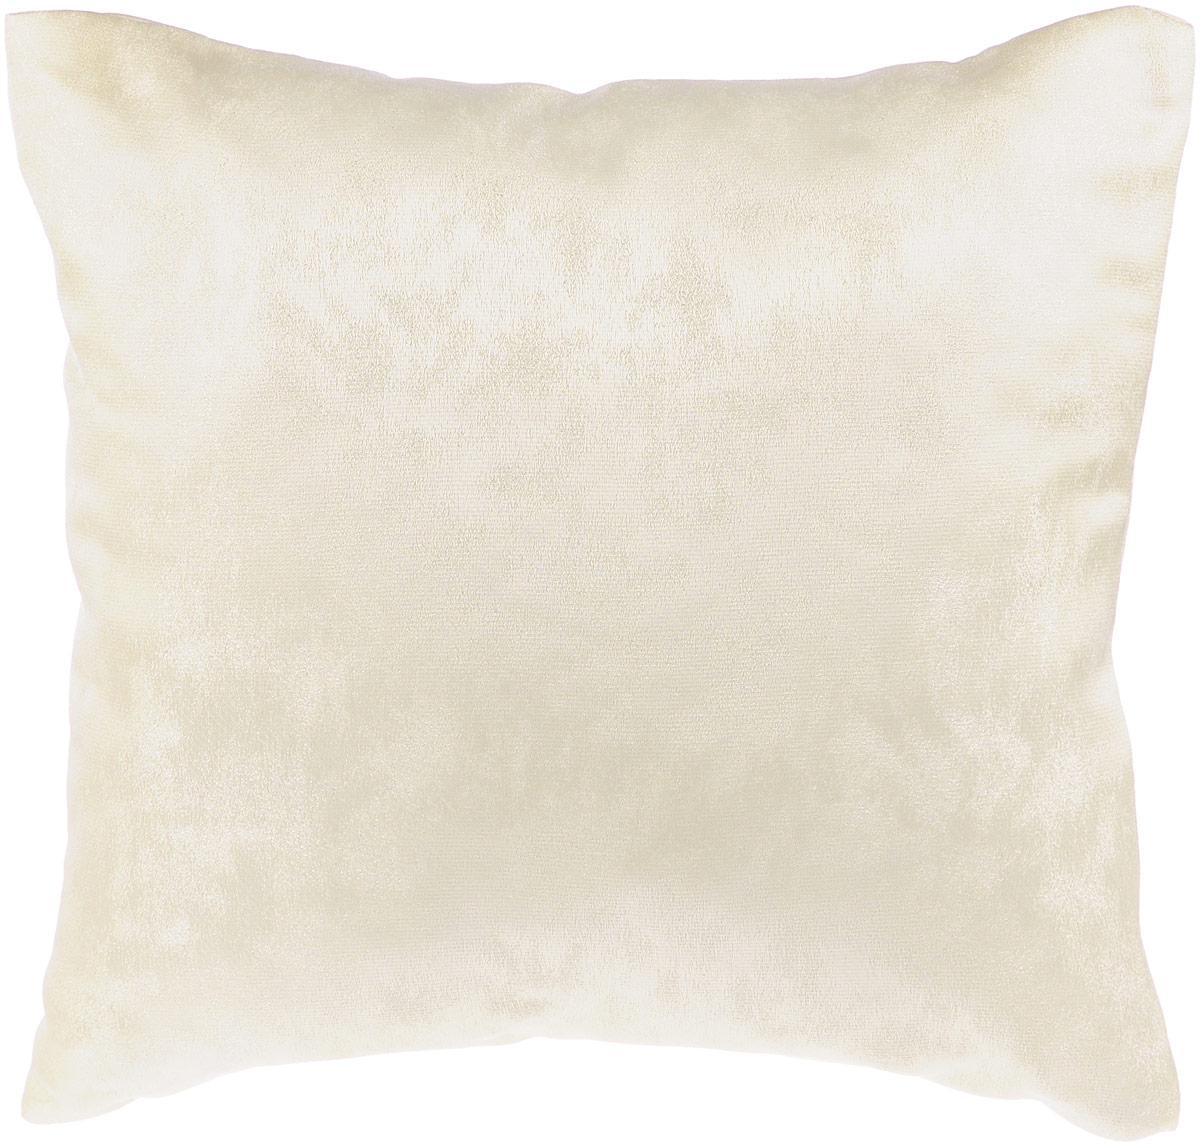 Подушка декоративная KauffOrt Магия, цвет: кремовый, 40 x 40 см3121909611Декоративная подушка Магия прекрасно дополнит интерьер спальни или гостиной. Приятный на ощупь чехол подушки выполнен из полиэстера. Внутри находится мягкий наполнитель. Чехол легко снимается благодаря потайной молнии в тон ткани. Красивая подушка создаст атмосферу уюта и комфорта в спальне и станет прекрасным элементом декора.